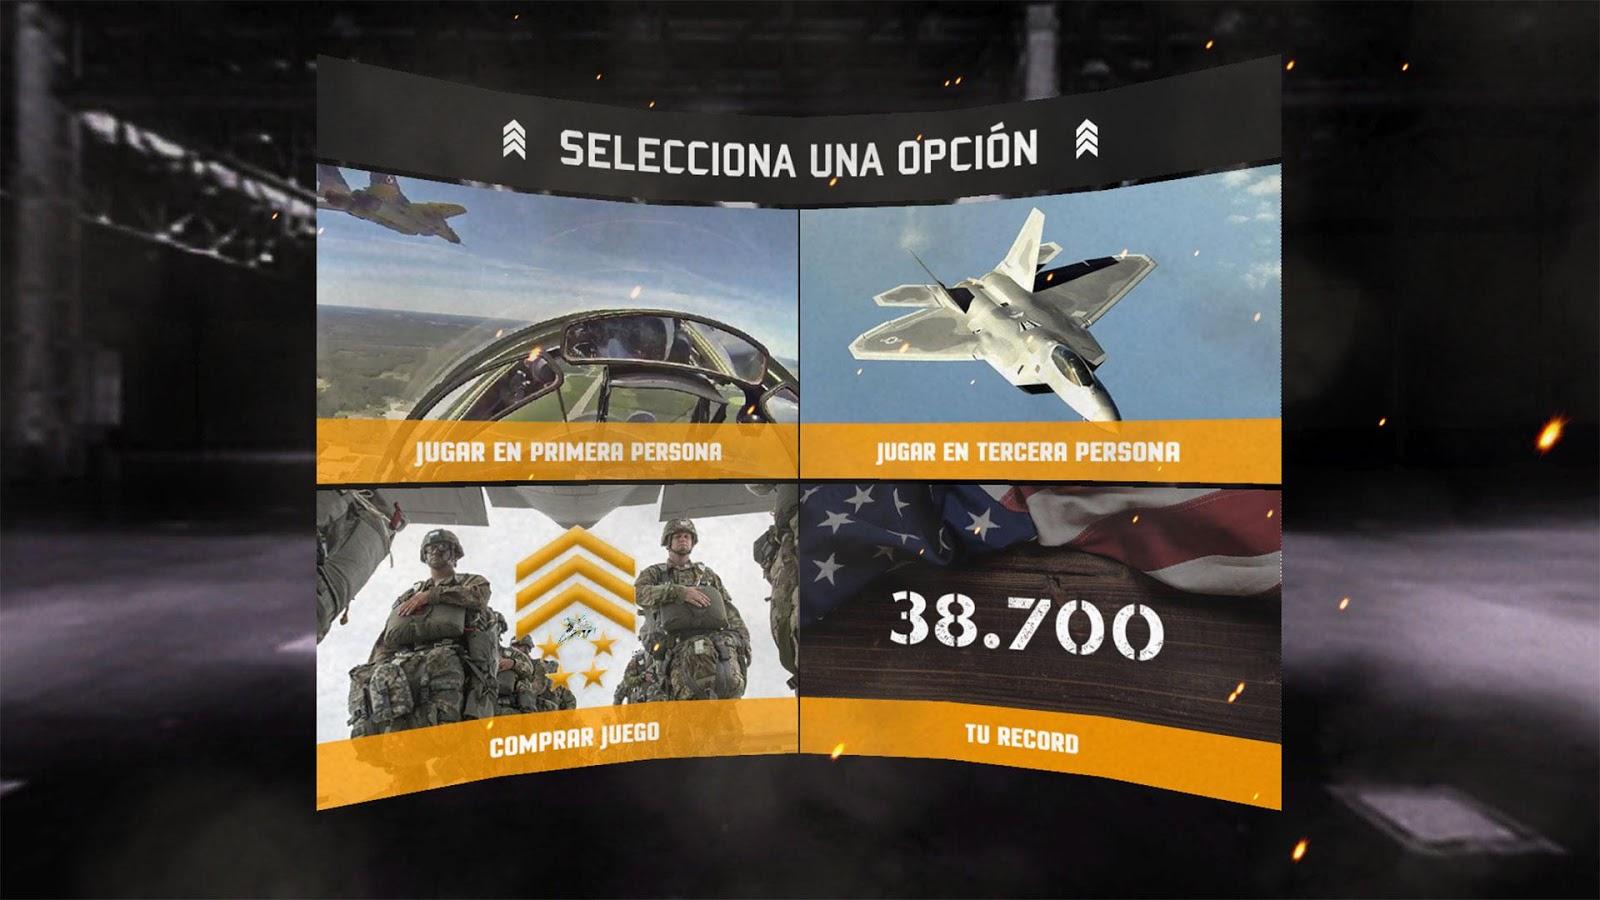 Jet VR Combat Fighter Flight Simulator VR Game 1 4 APK